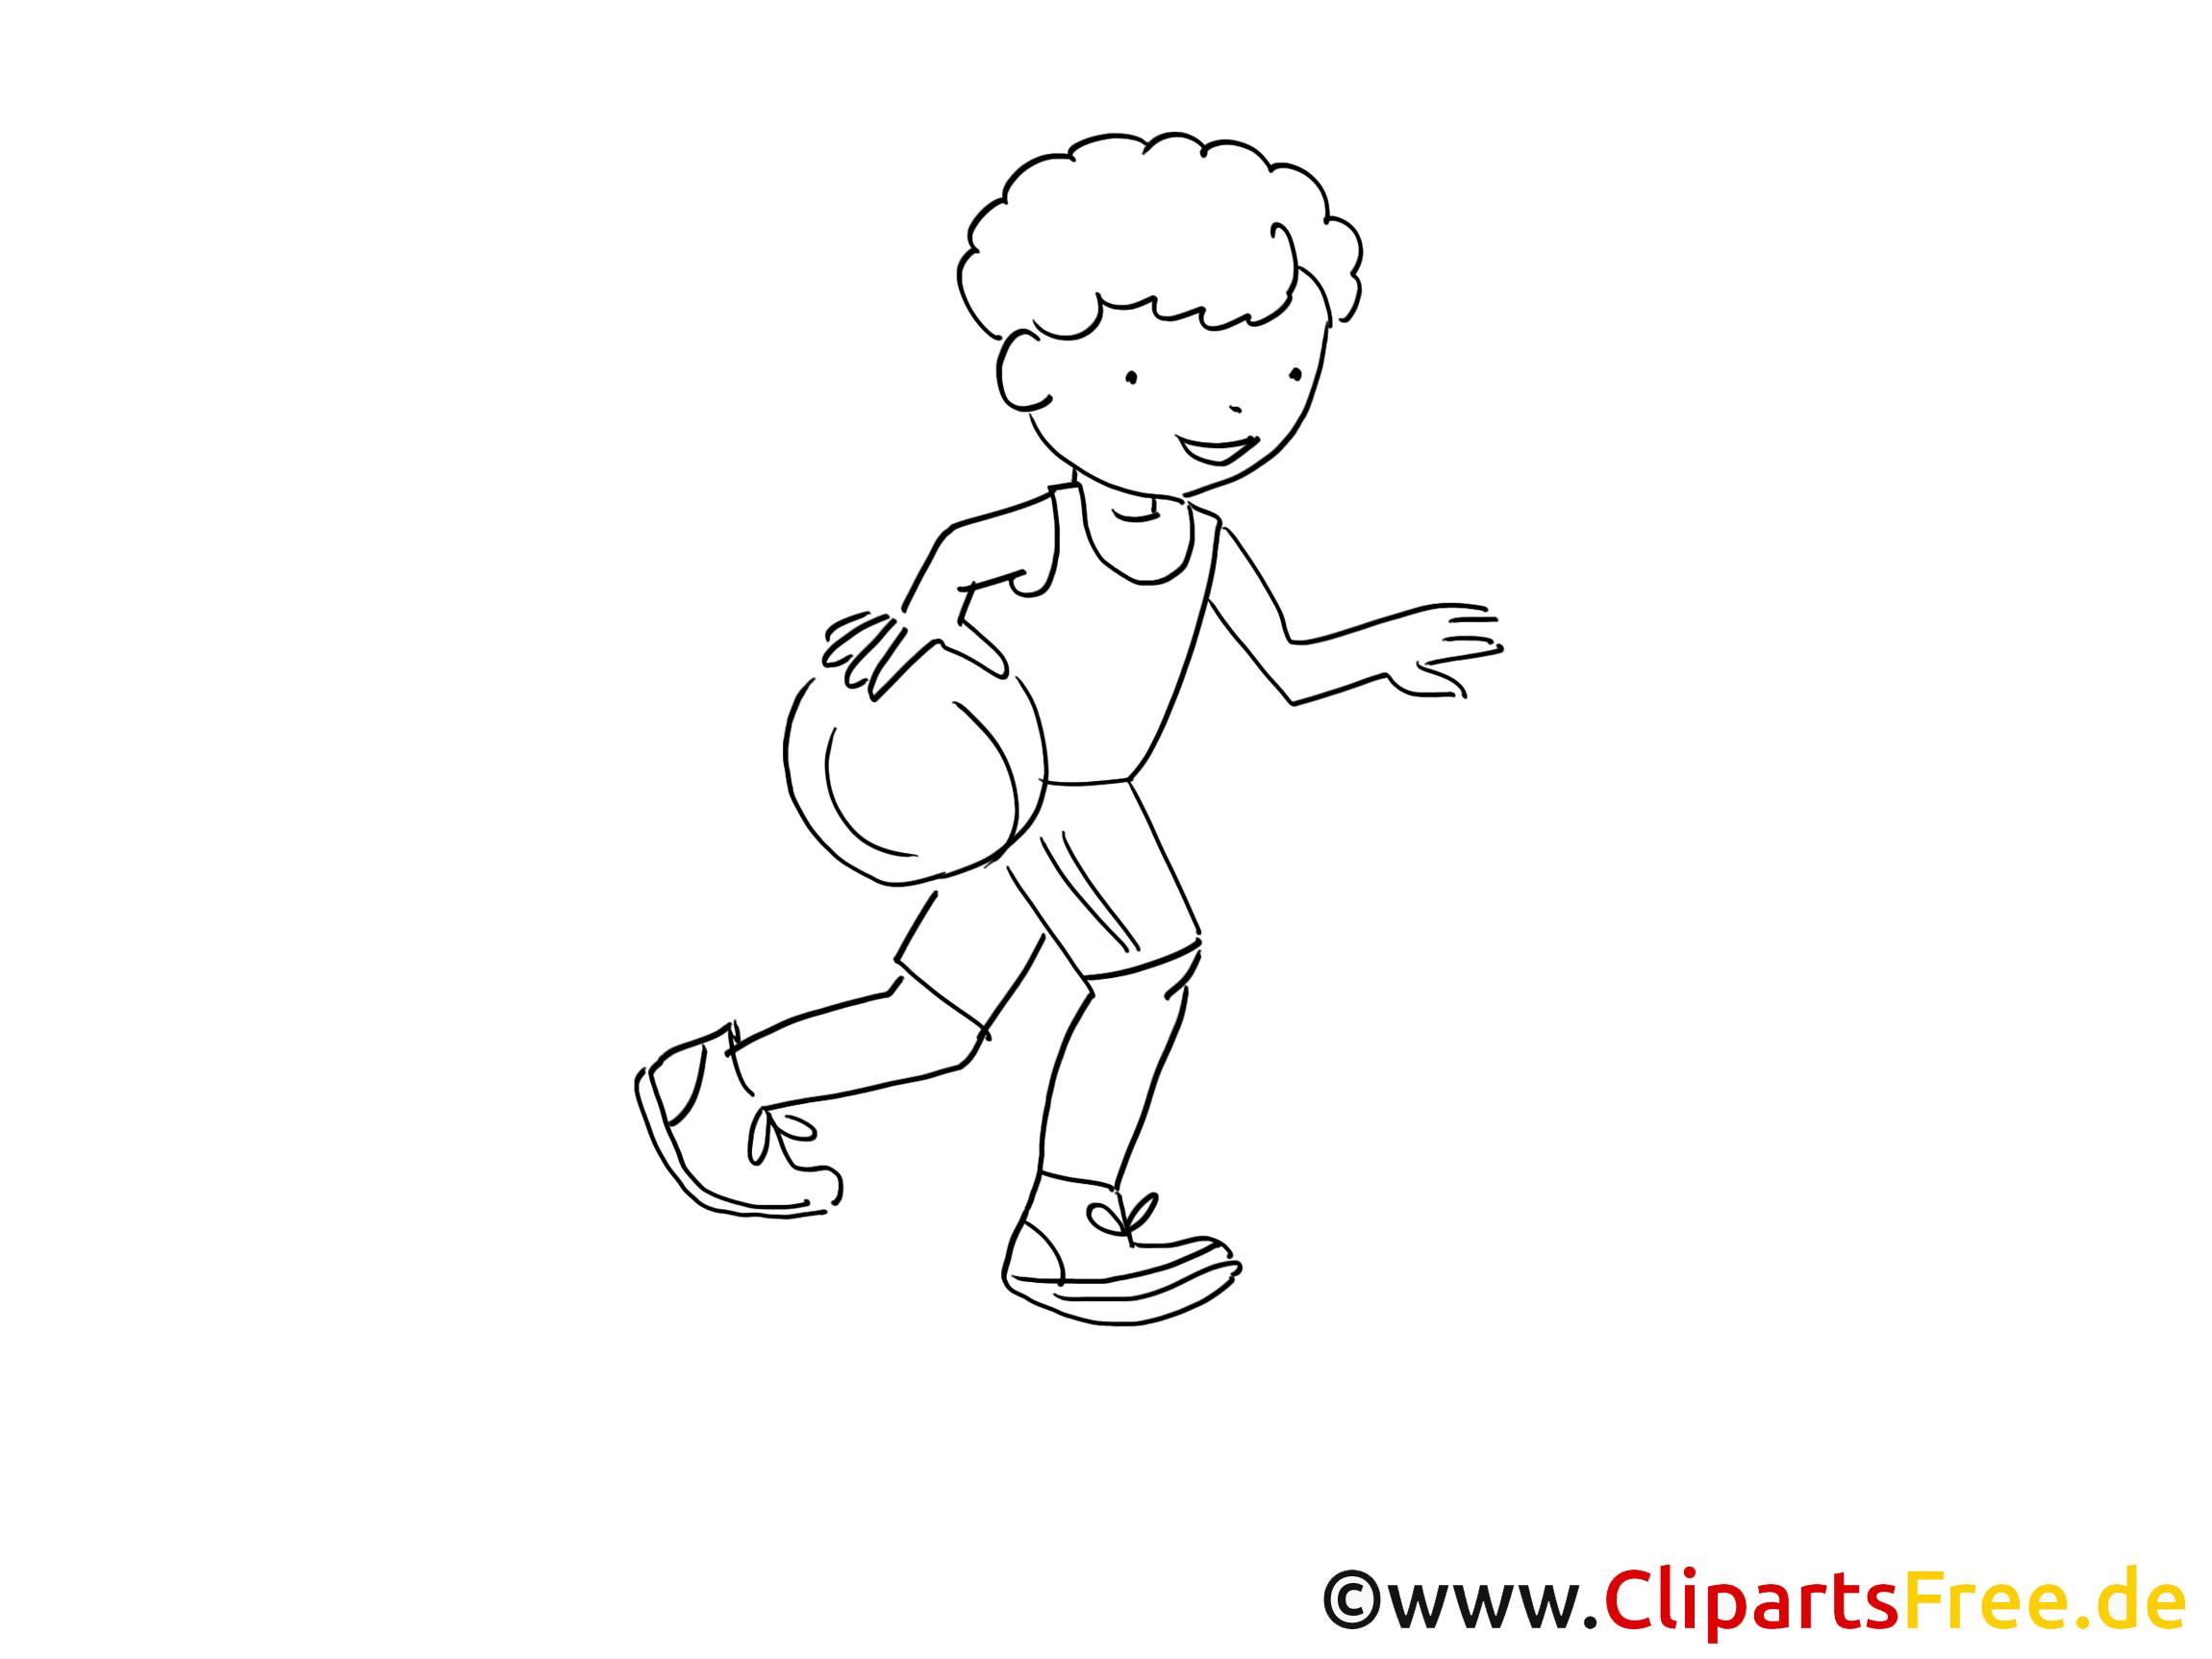 Basket-ball images à colorier - Balle clip art